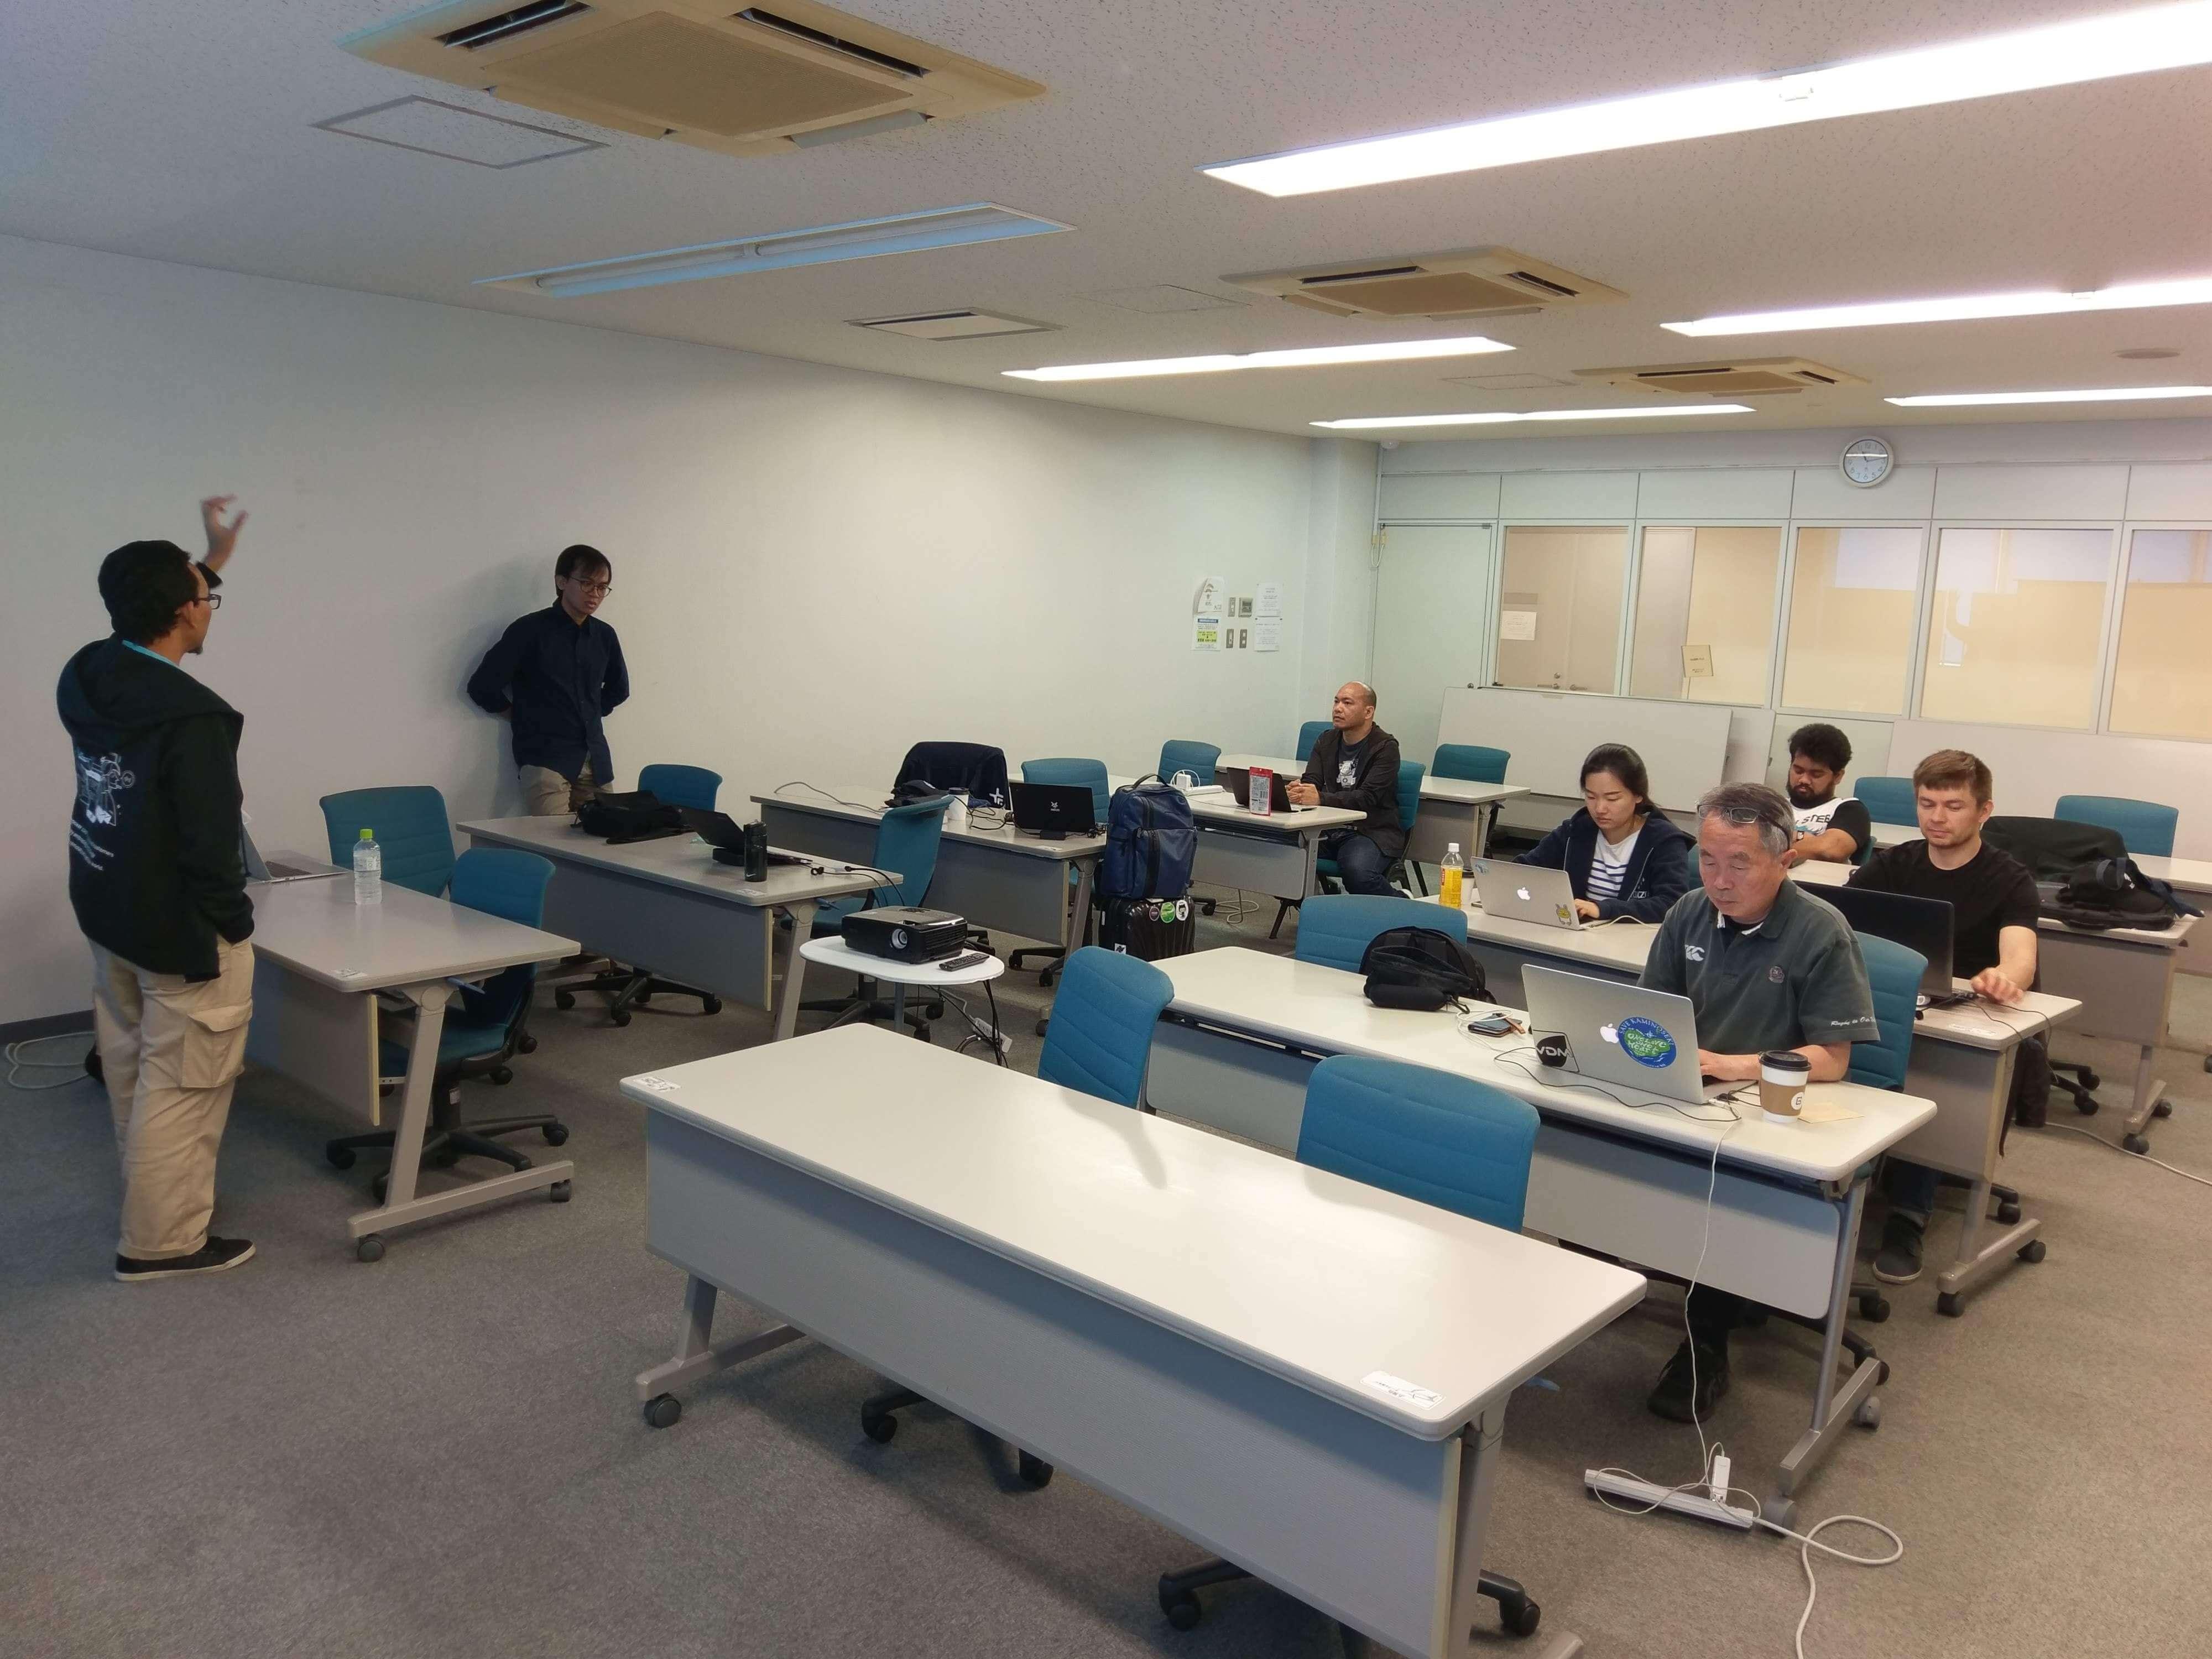 Xoxzo engineering meeting